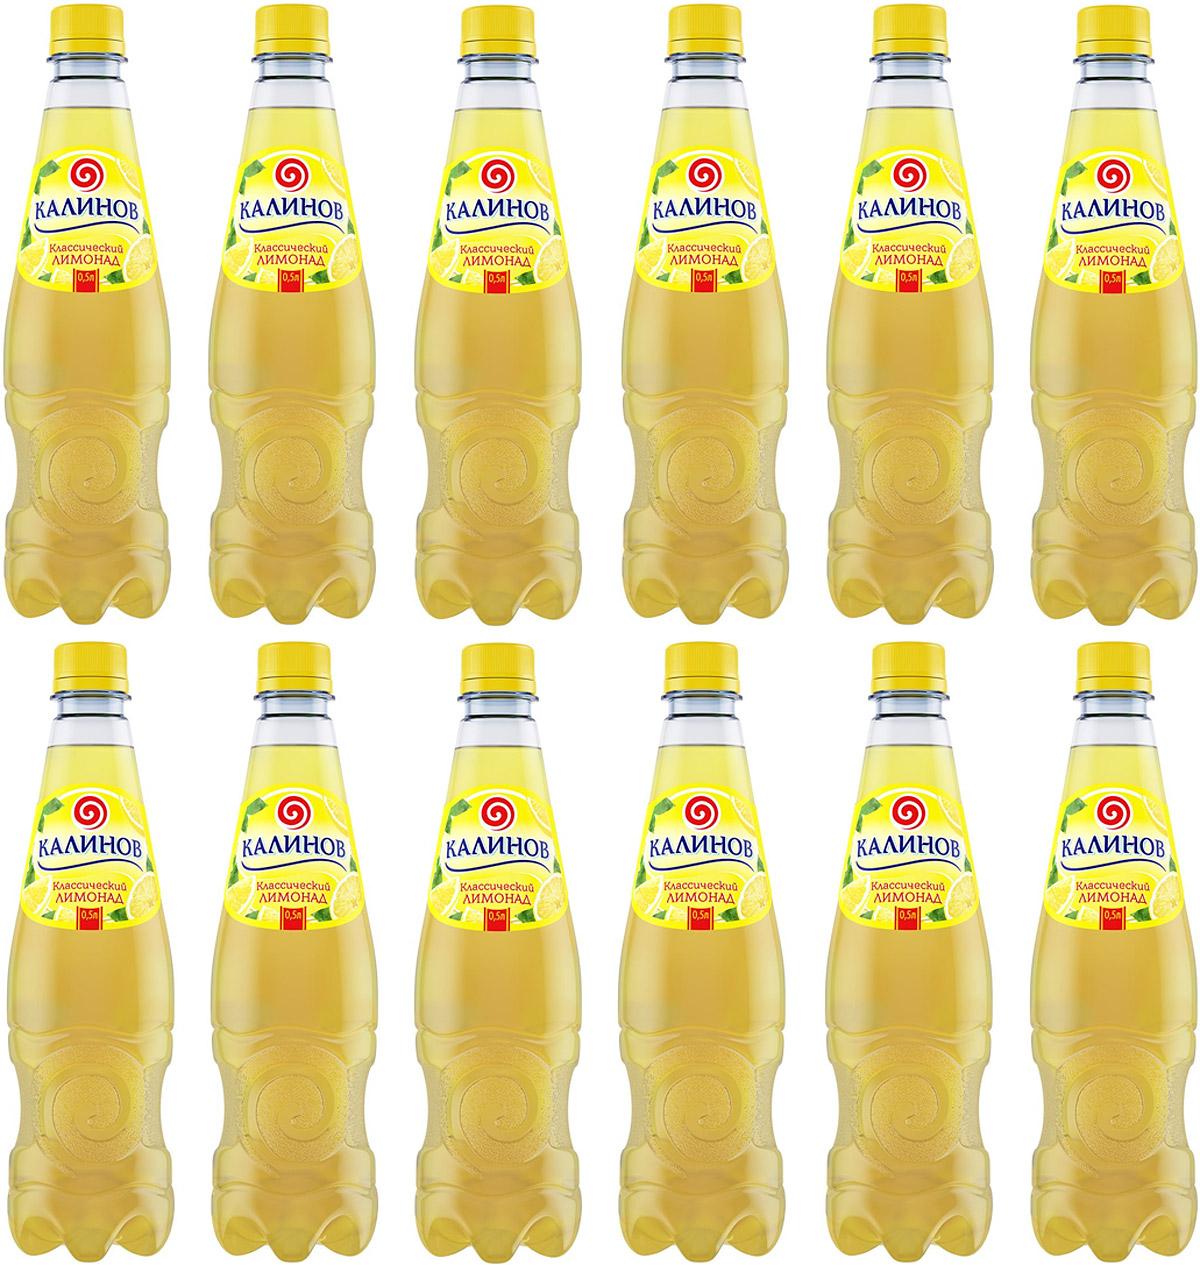 Калинов Лимонад классический, 12 шт по 0,5 л4607050693617Классические лимонады на основе артезианской воды Калинов Родник производятся на высококачественном вкусо-ароматическом сырье и обладают ярко выраженными прохладительными свойствами. Для приготовления лимонадов Калинов используются классические рецептуры, соответствующие требованиям ГОСТа. Благодаря пониженному содержанию сахара все напитки серии являются низкокалорийными. Они производятся без применения цикламатов и сахарина, что значительно усиливает их диетические свойства.